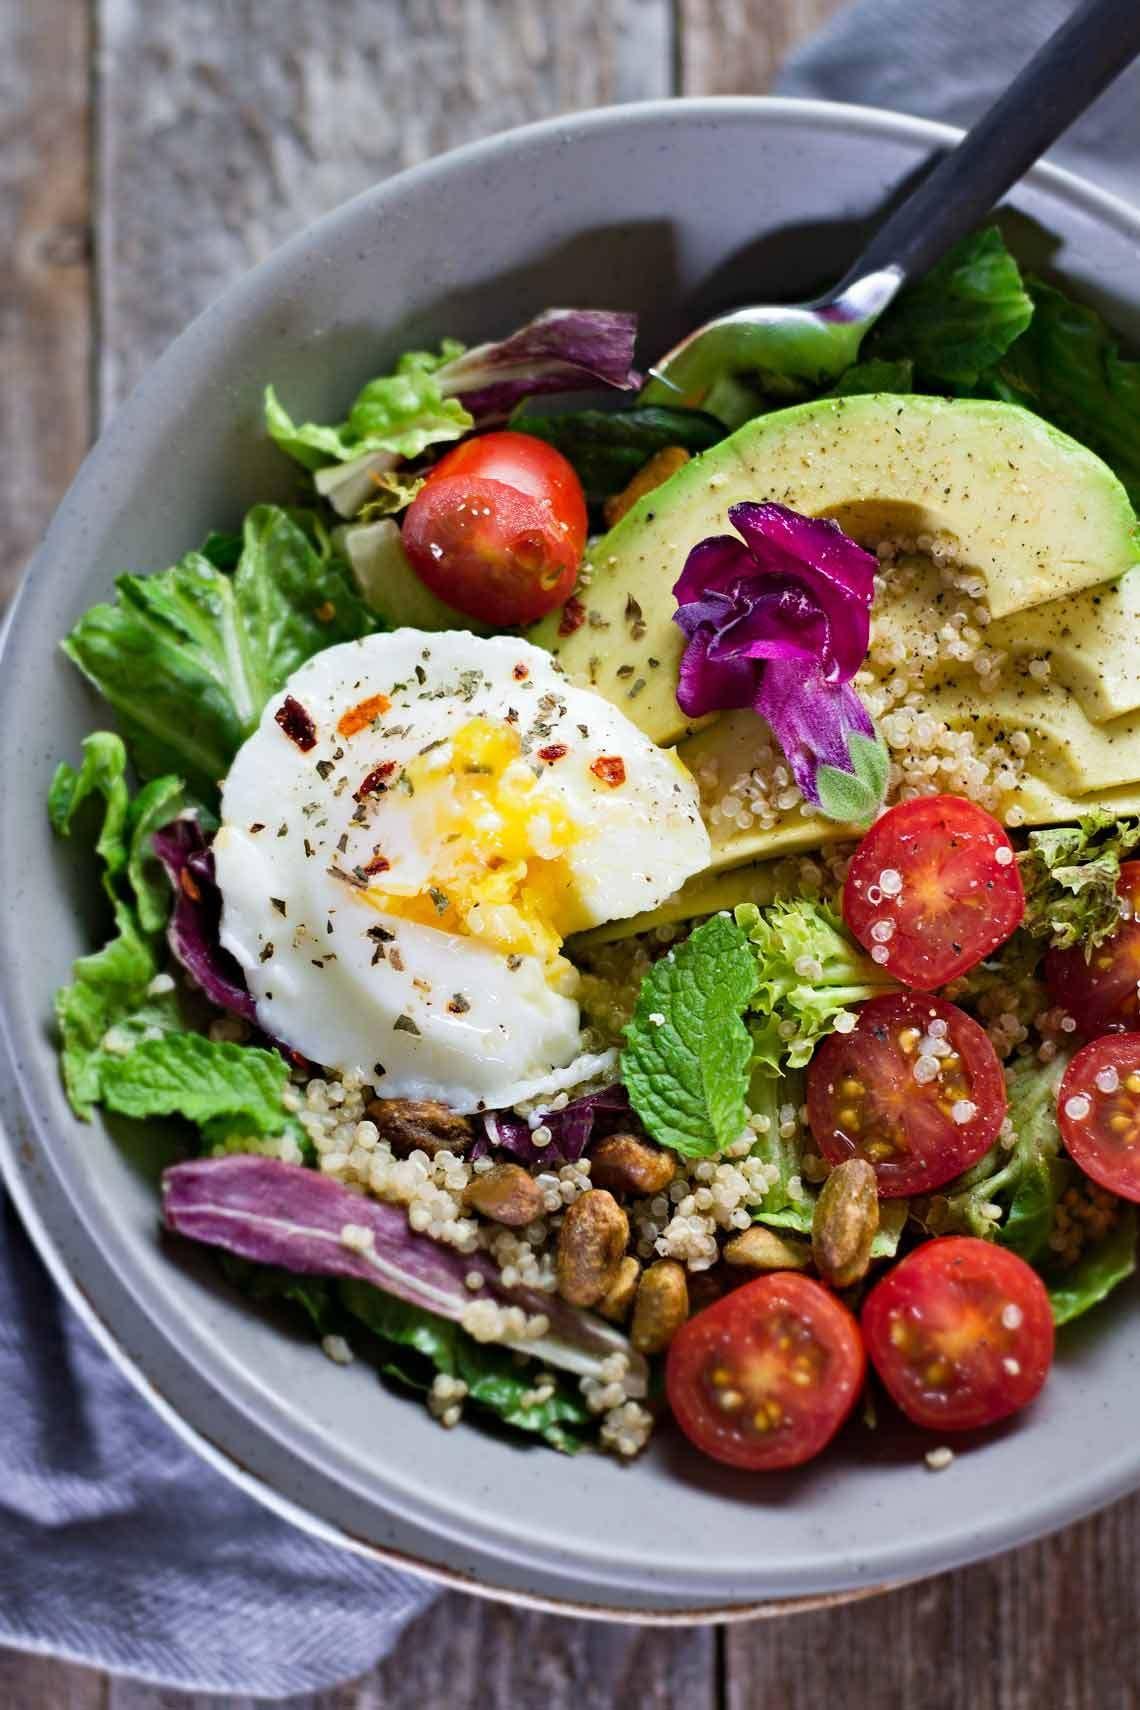 thực đợn ăn uống trị mụn bằng salad địa trung hải